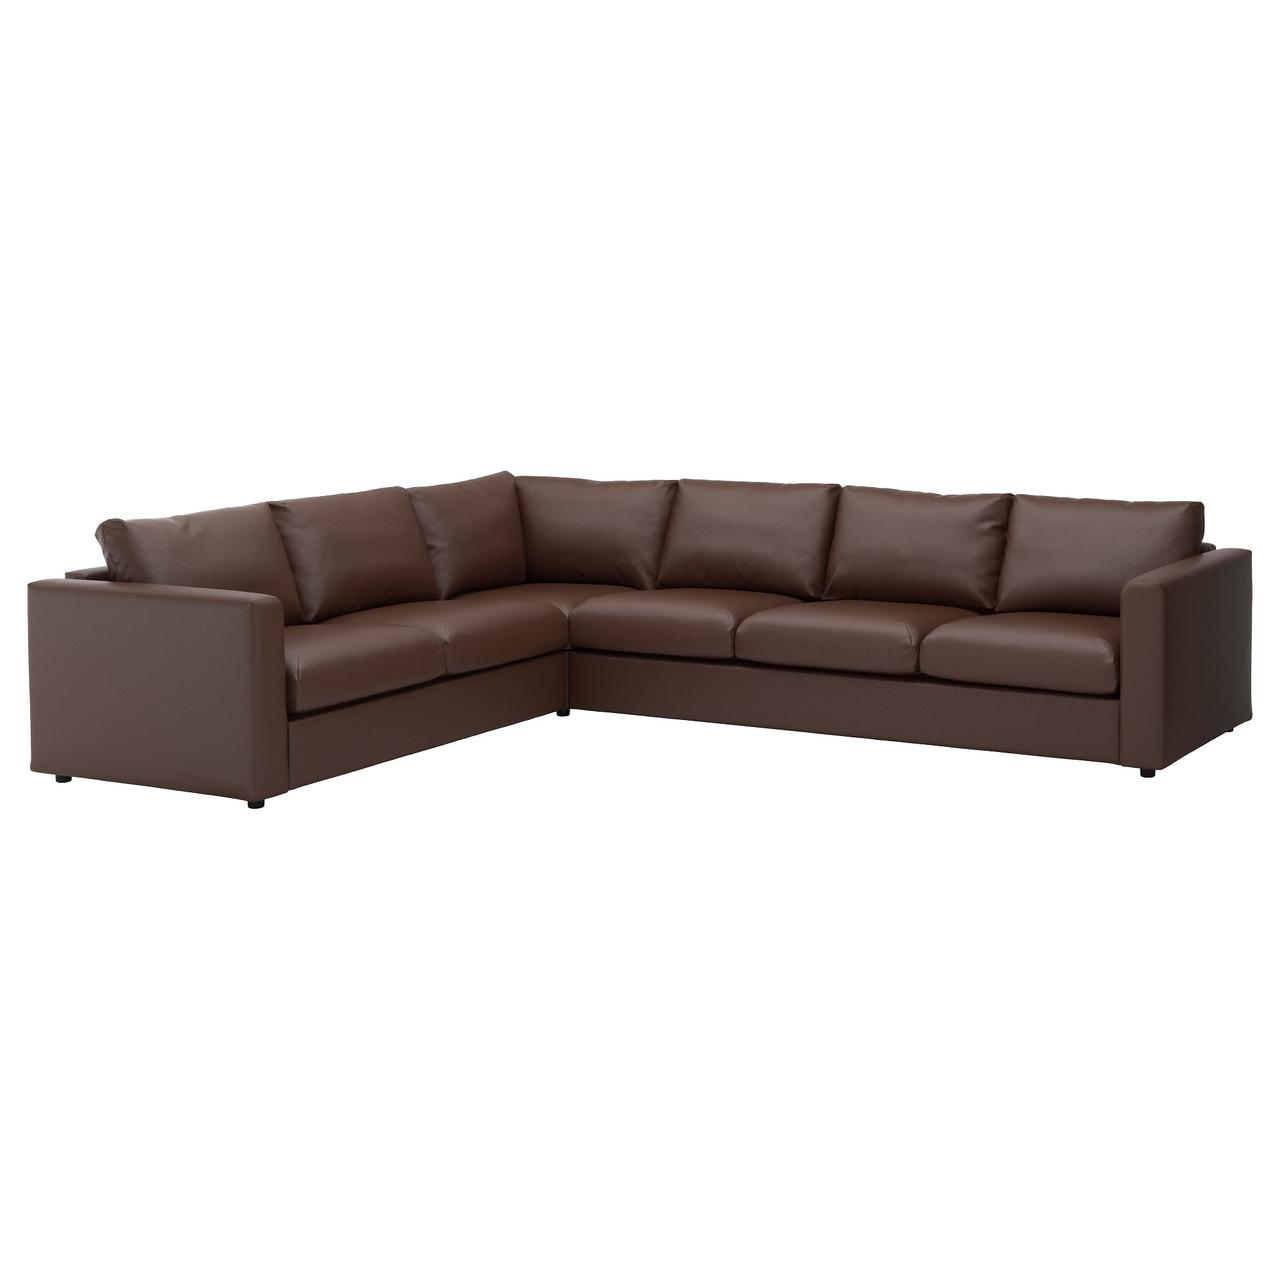 ВИМЛЕ 5-местный угловой диван, Фарста темно-коричневый